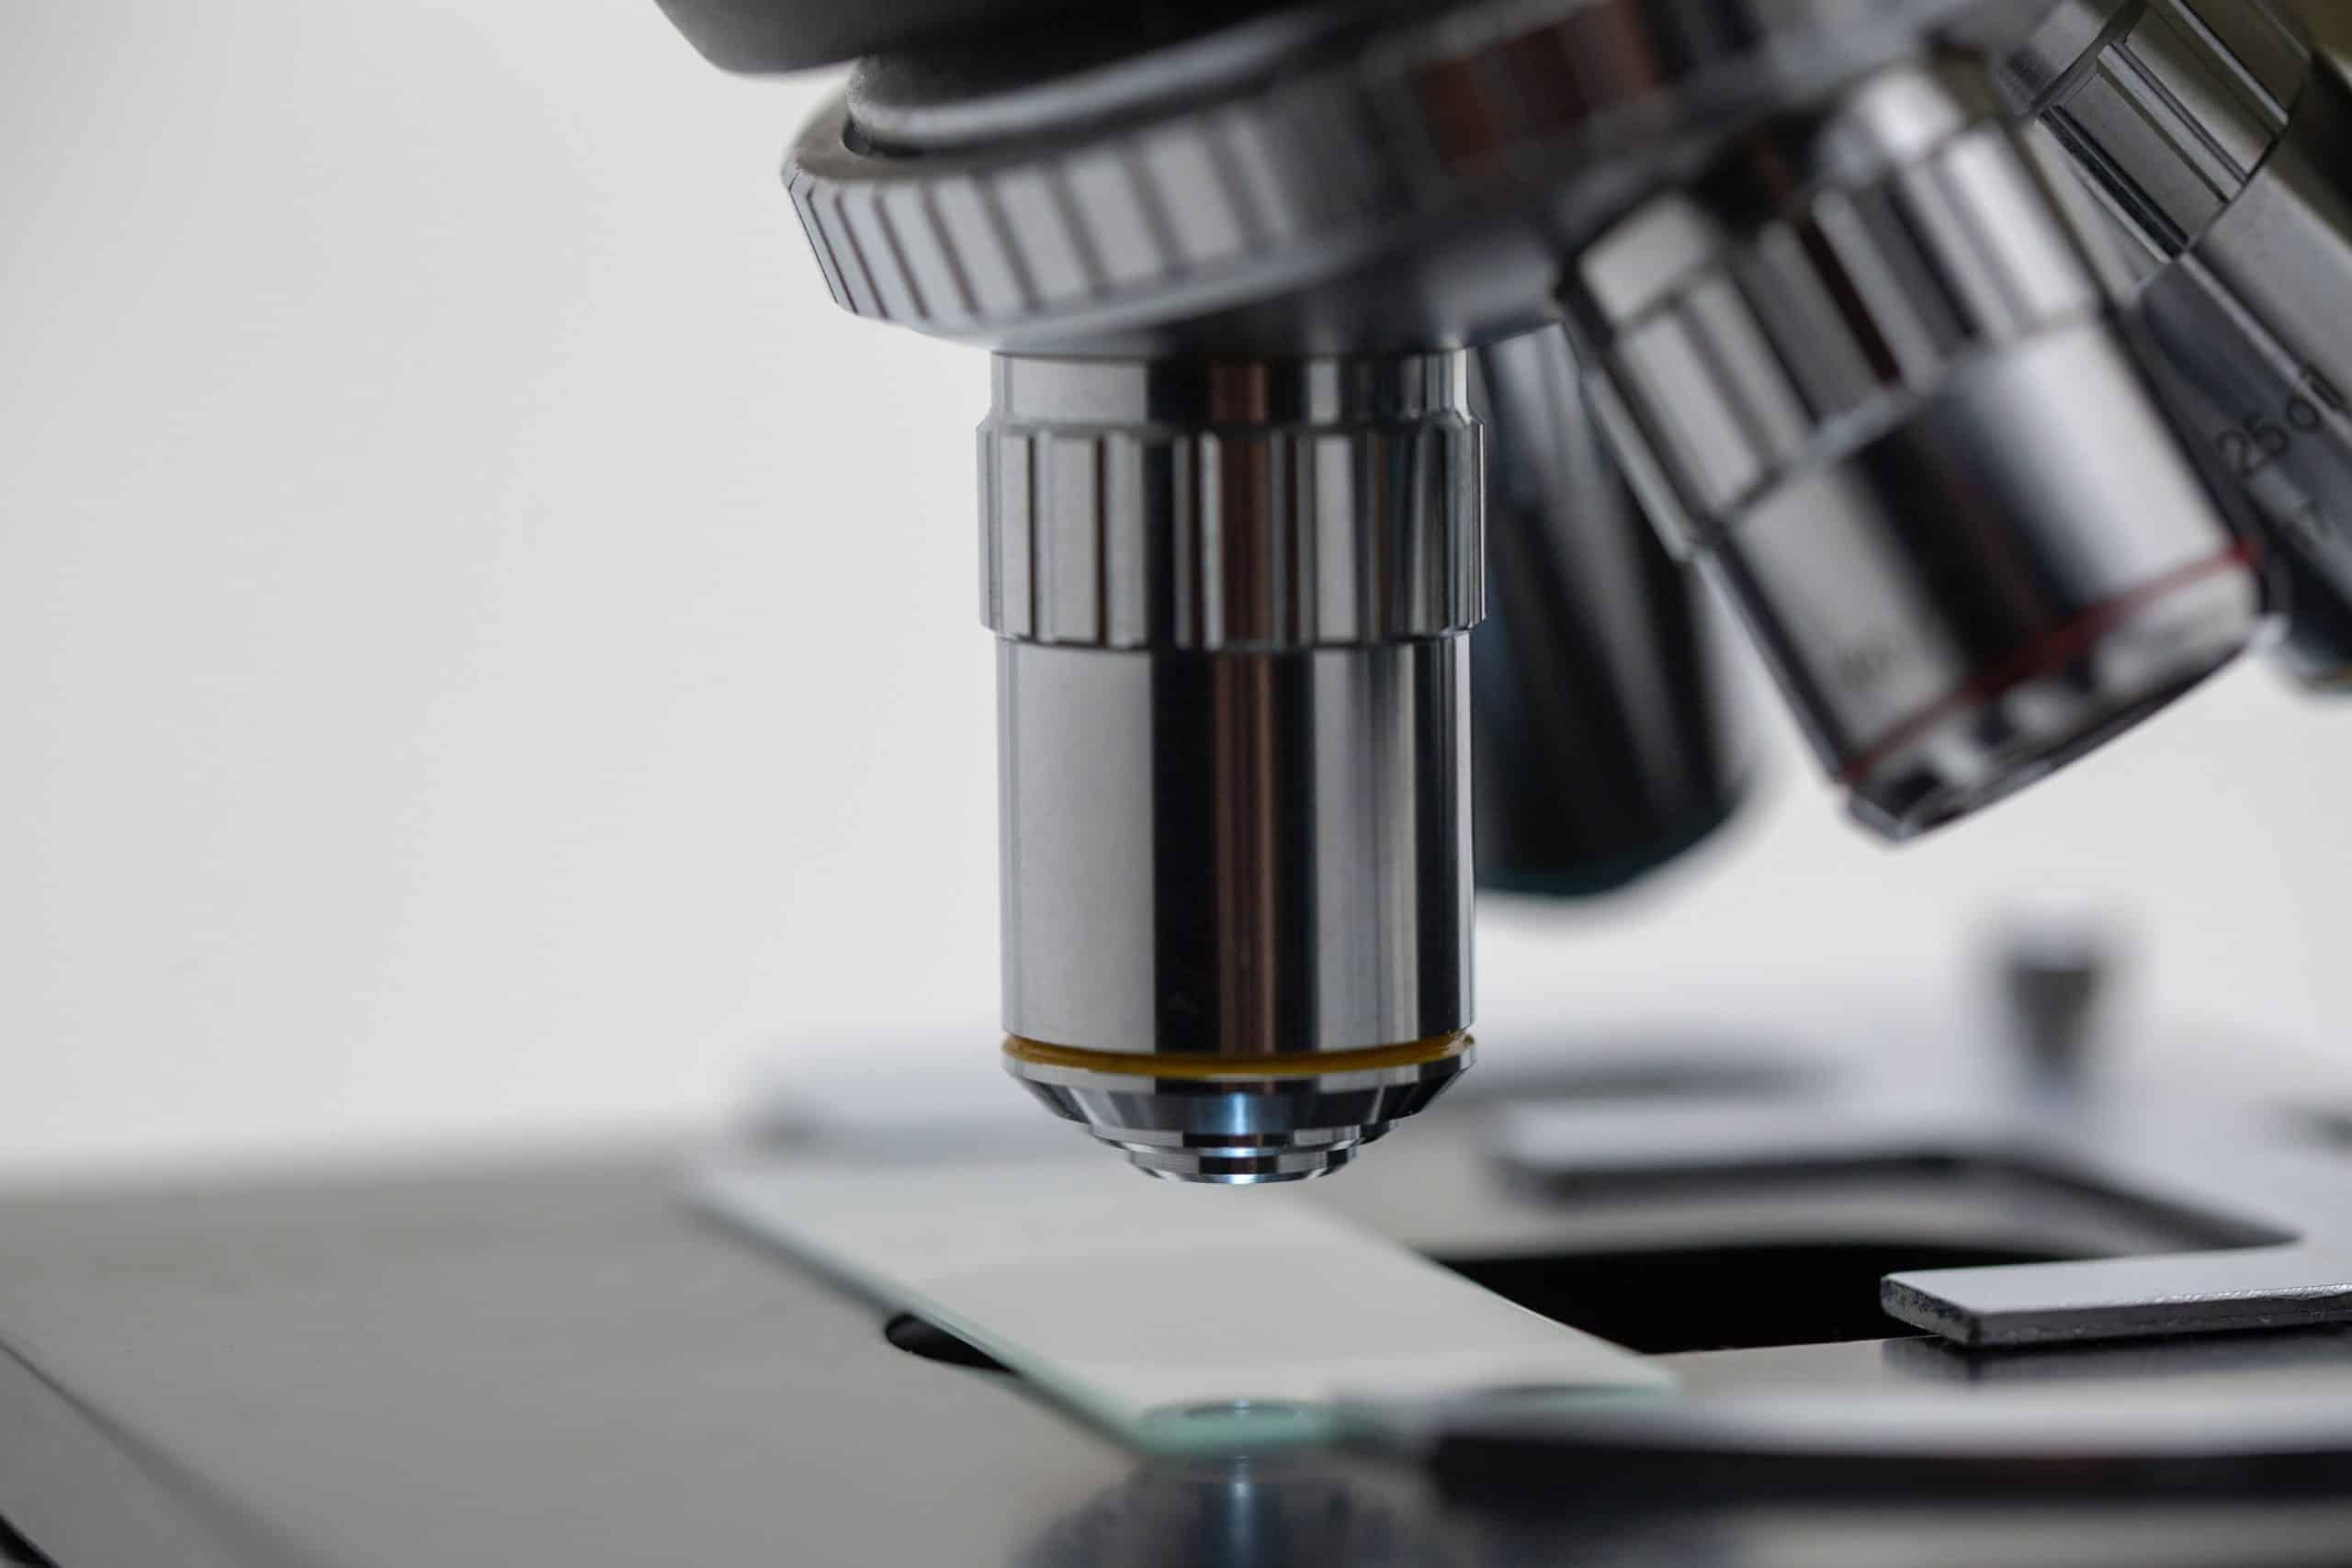 Chemieunternehmen mit Pharmafokus kauft Biotech Unternehmen